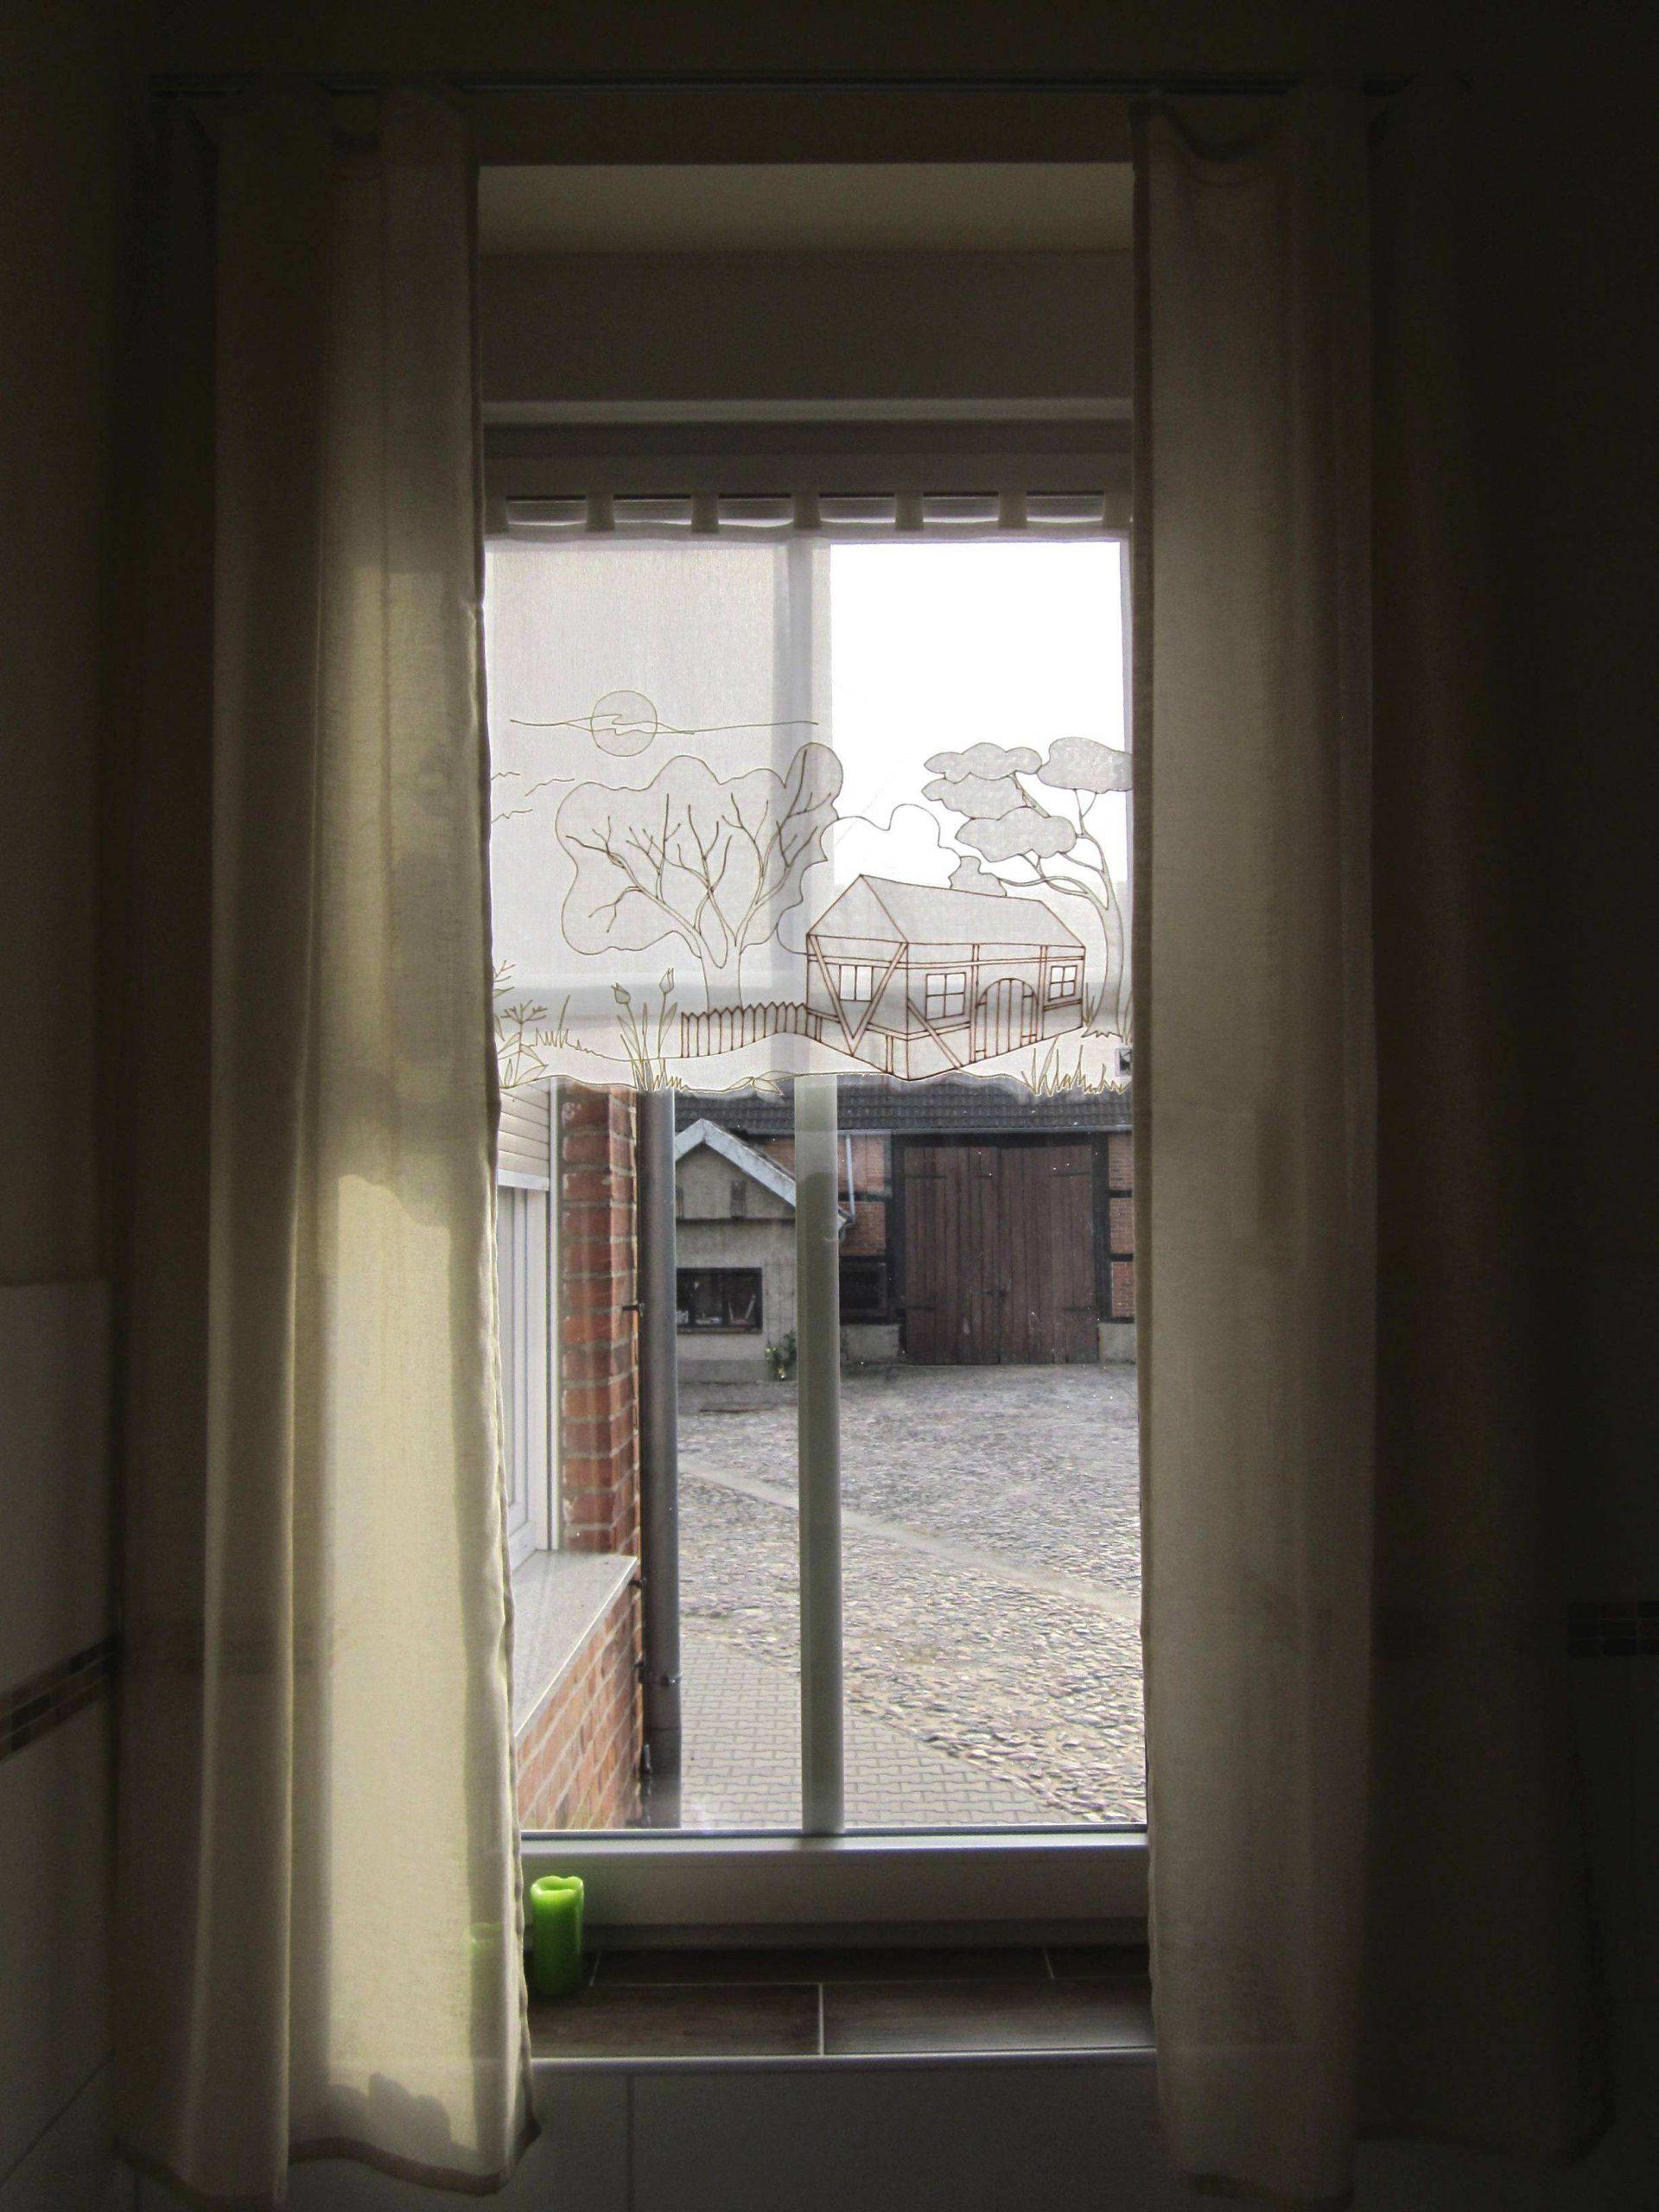 Full Size of Bodentiefe Fenster Geteilt Bodentief Abdichten Einbauen Kosten Velux Ersatzteile Beleuchtung Klebefolie Sichtschutz 120x120 Fliegennetz Kunststoff Rc3 Drutex Wohnzimmer Bodentiefe Fenster Geteilt